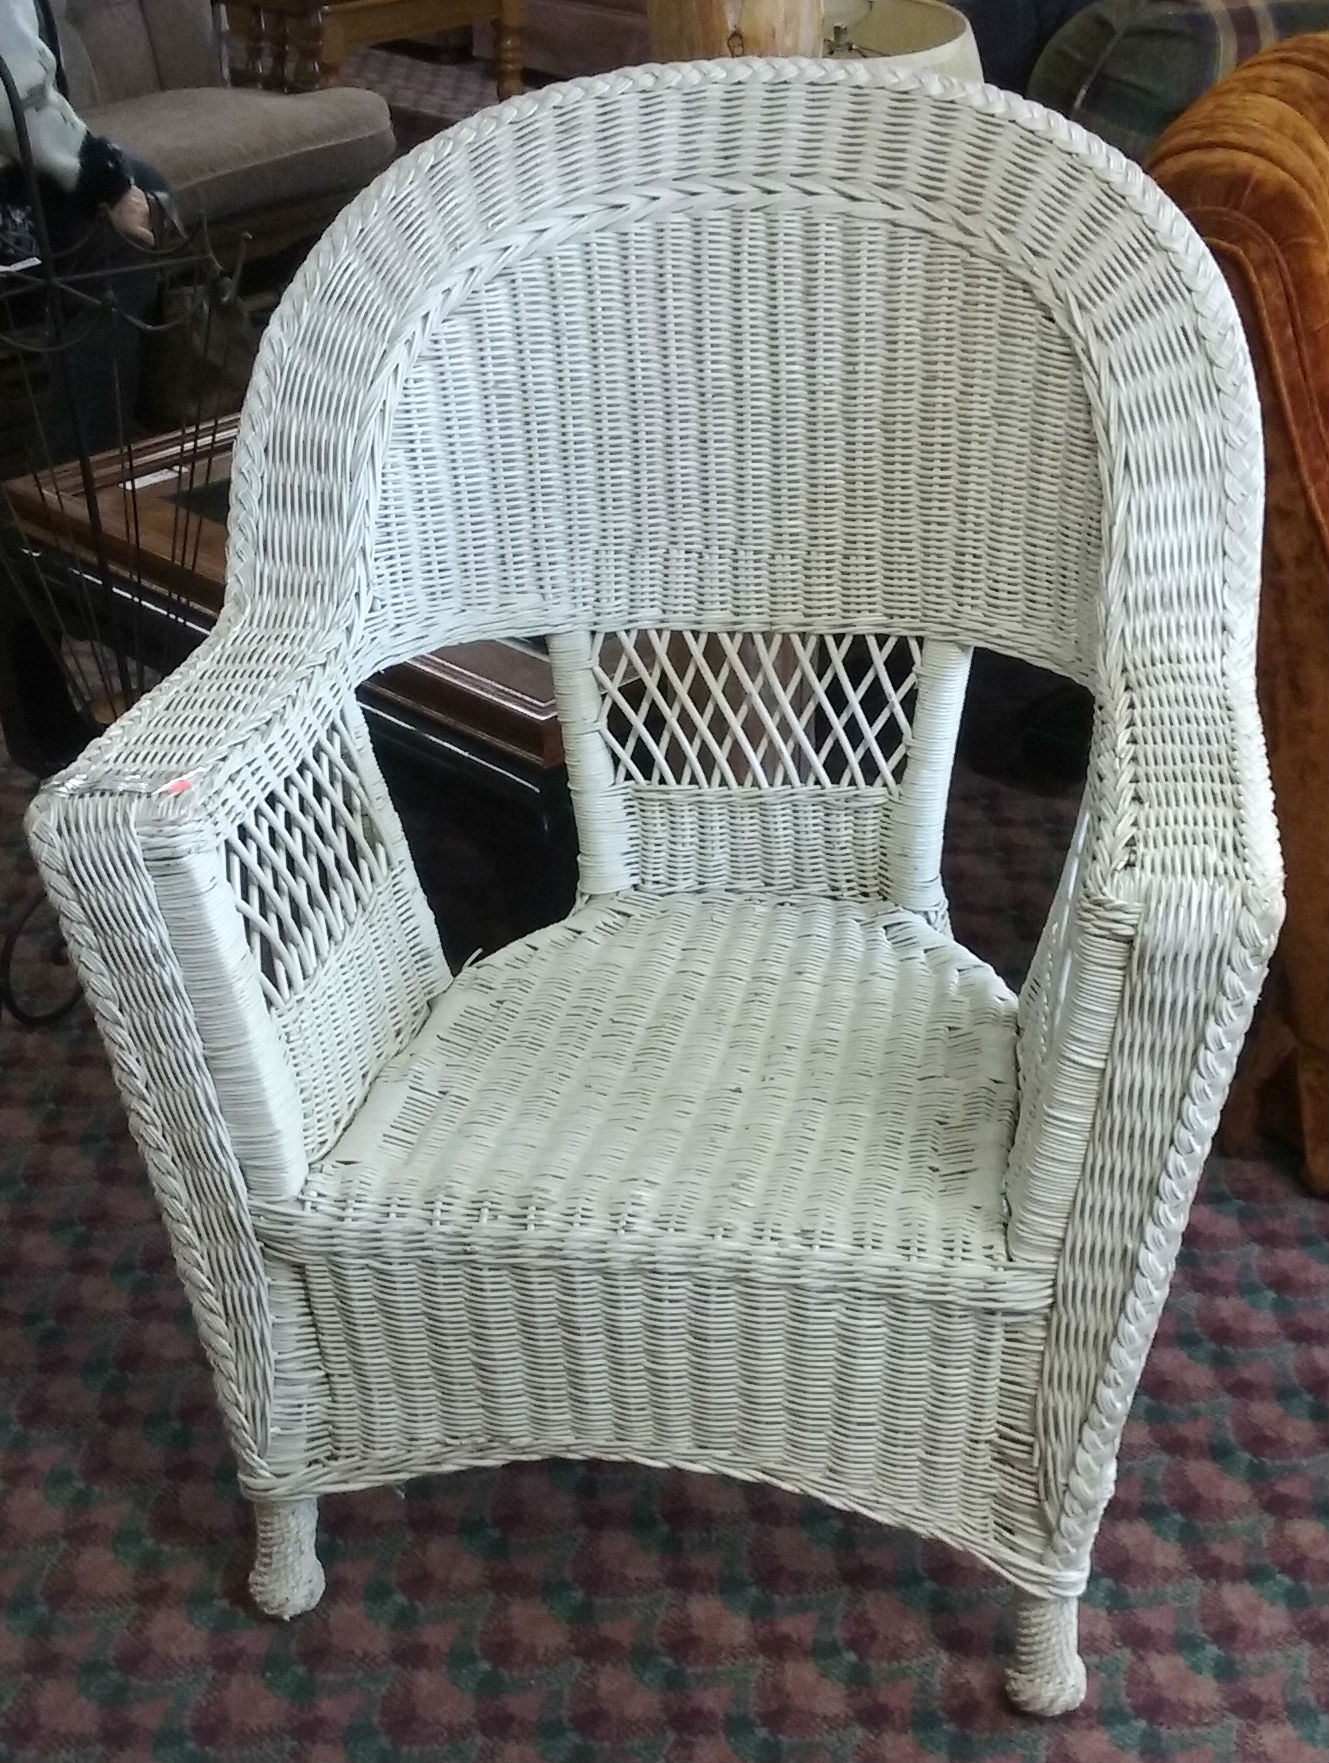 Furniture for sale at the la pine restore la pine restore for Recover wicker furniture